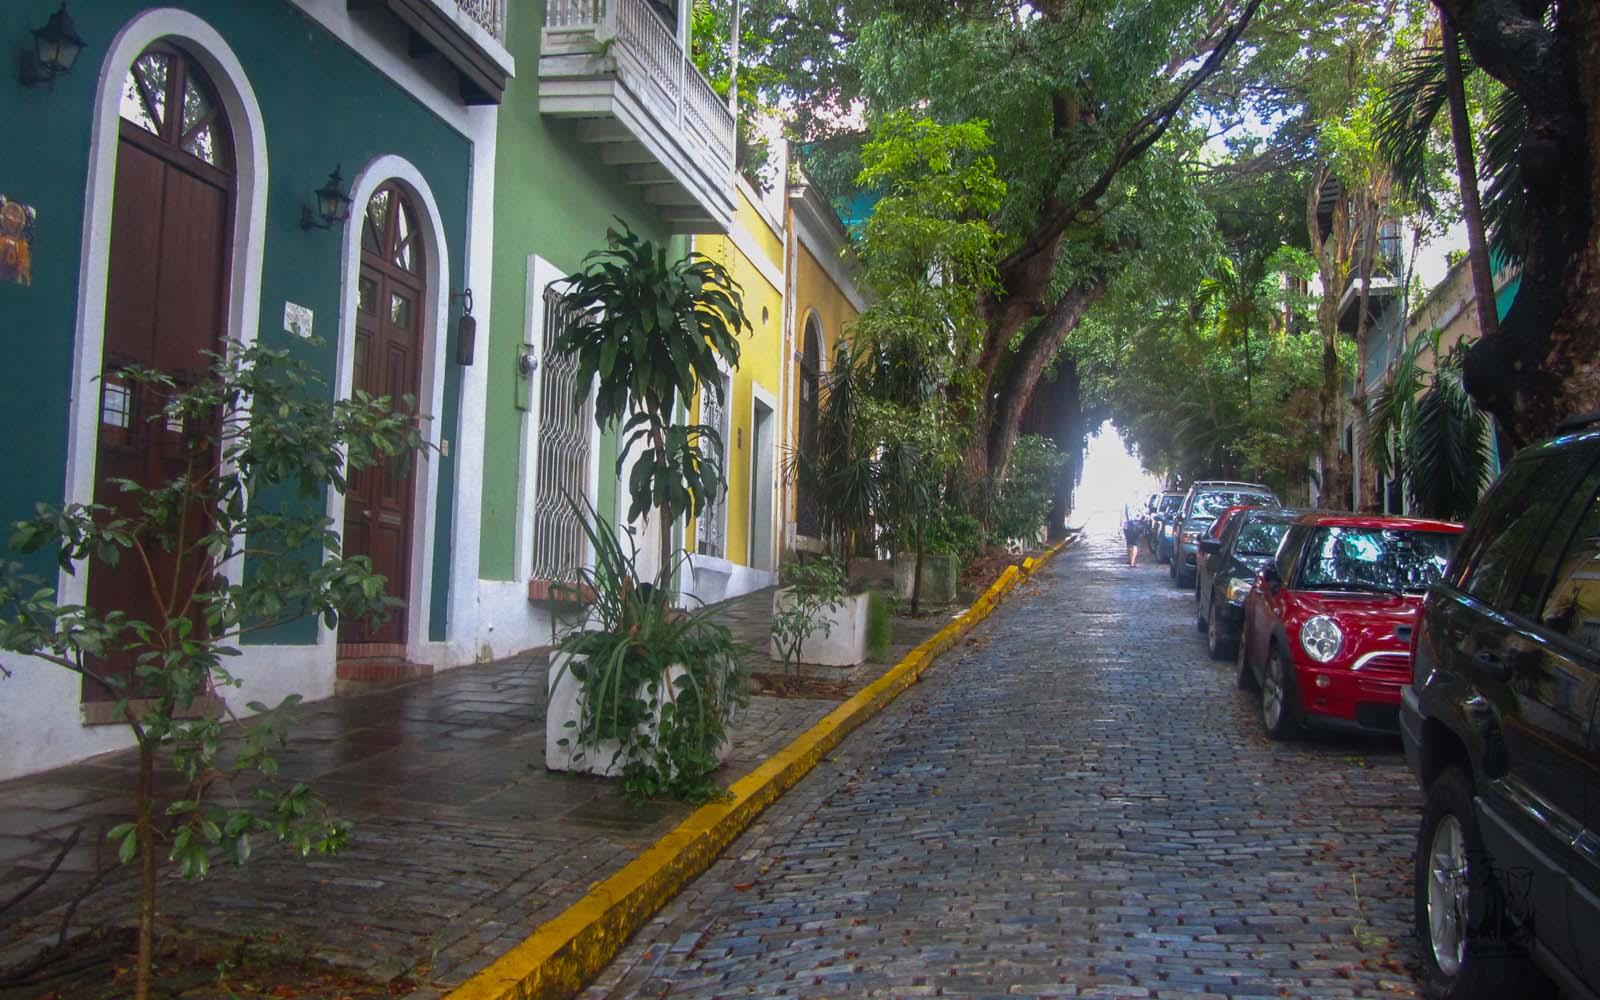 San juan shopping center,San juan heritage houses, puertorico tourism spot